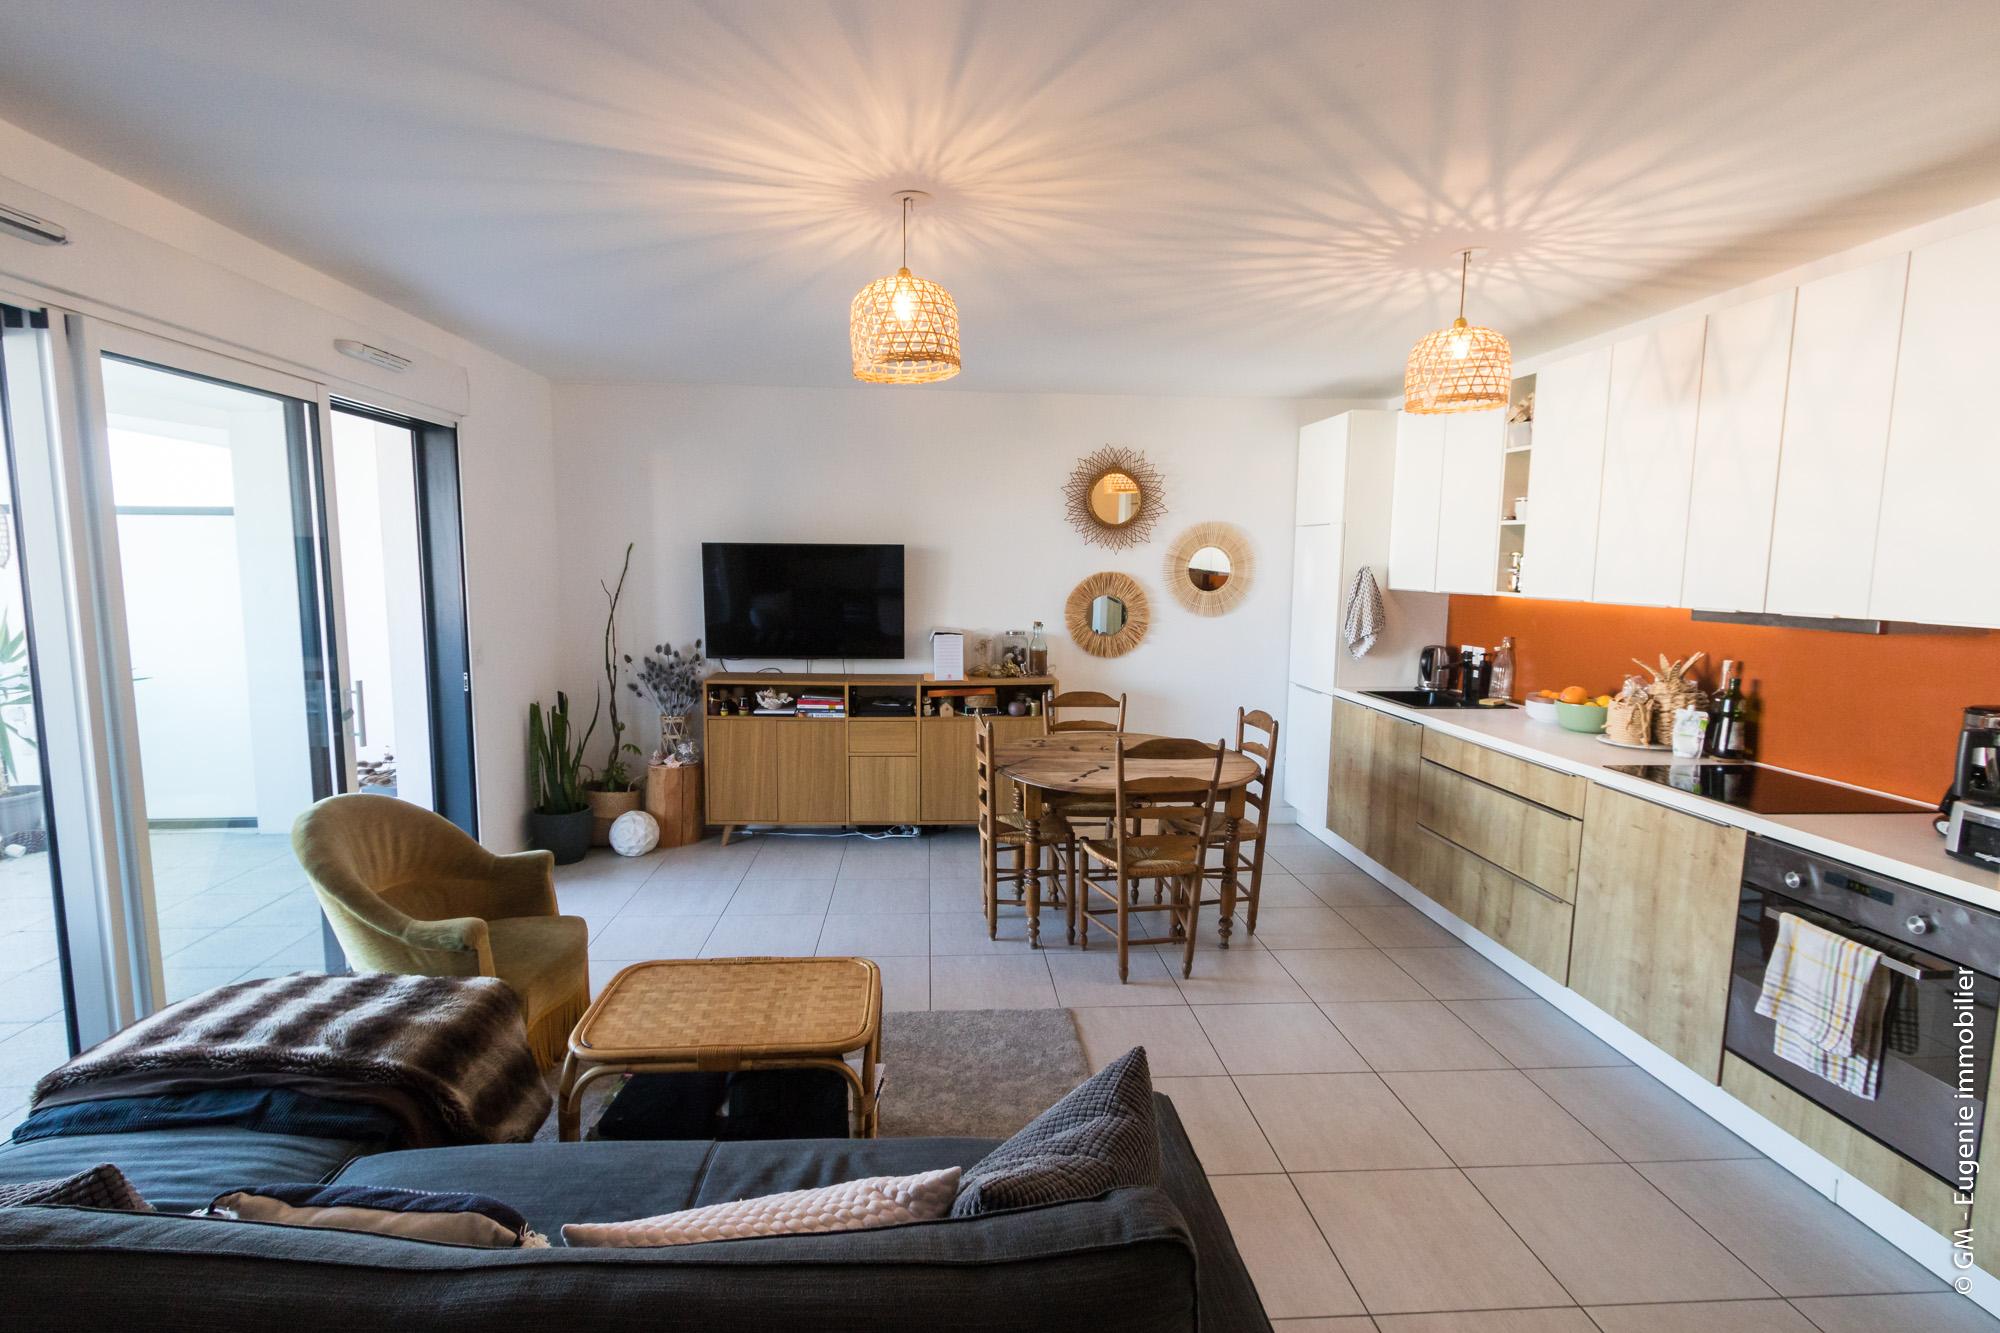 Appartement 63m² T4 Idéalement situé Proche quartier prisé des 5 Cantons